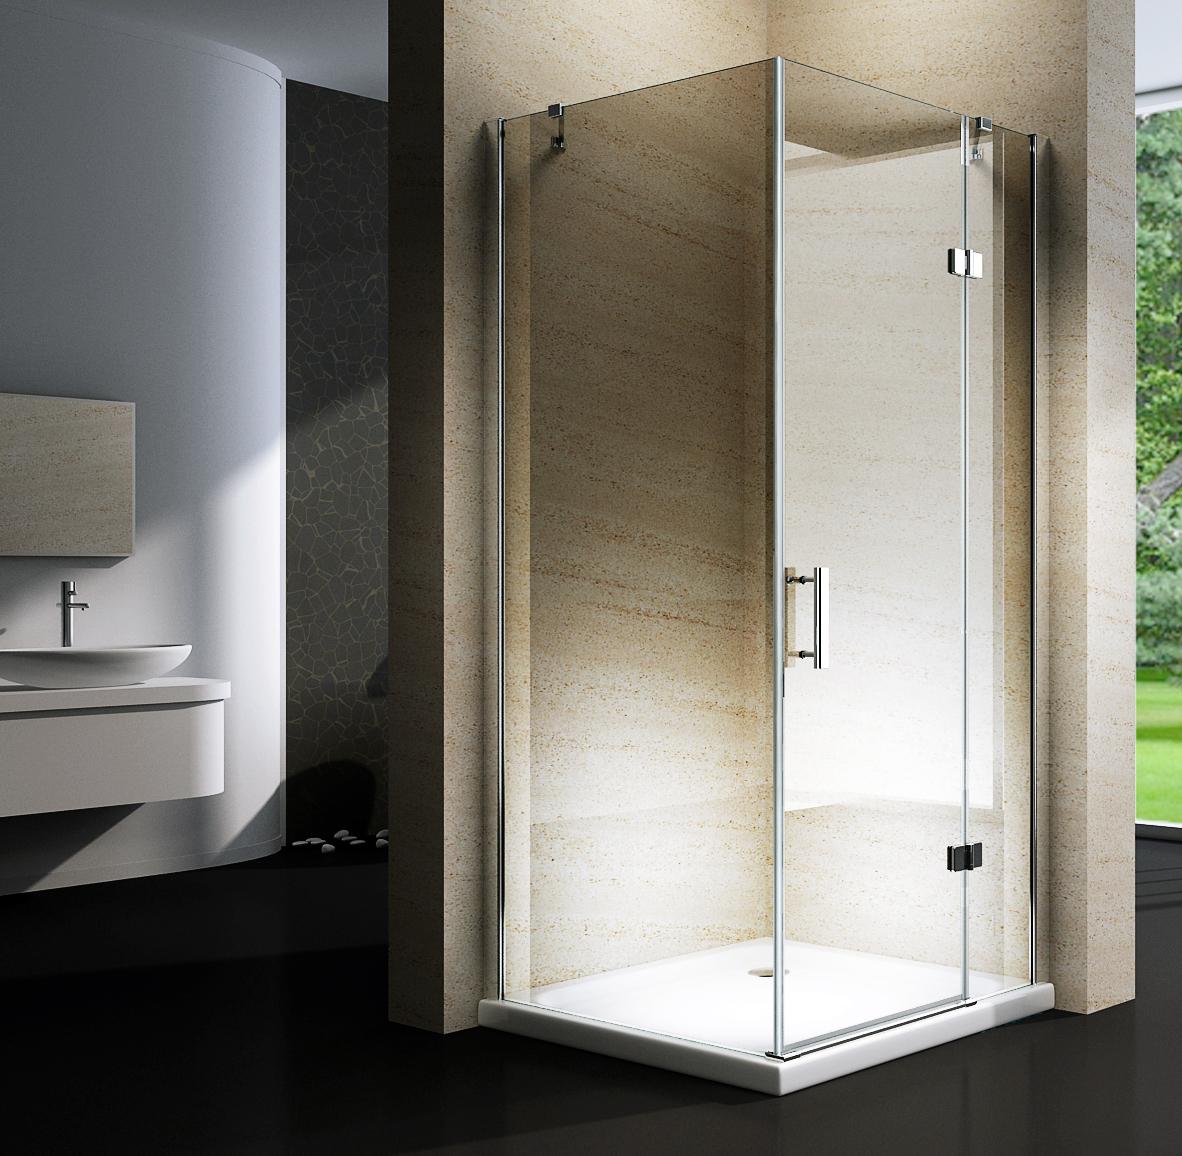 Cabina doccia angolare box doccia ex403 nano 8mm con senza piatto doccia ebay - Cabina doccia senza piatto ...